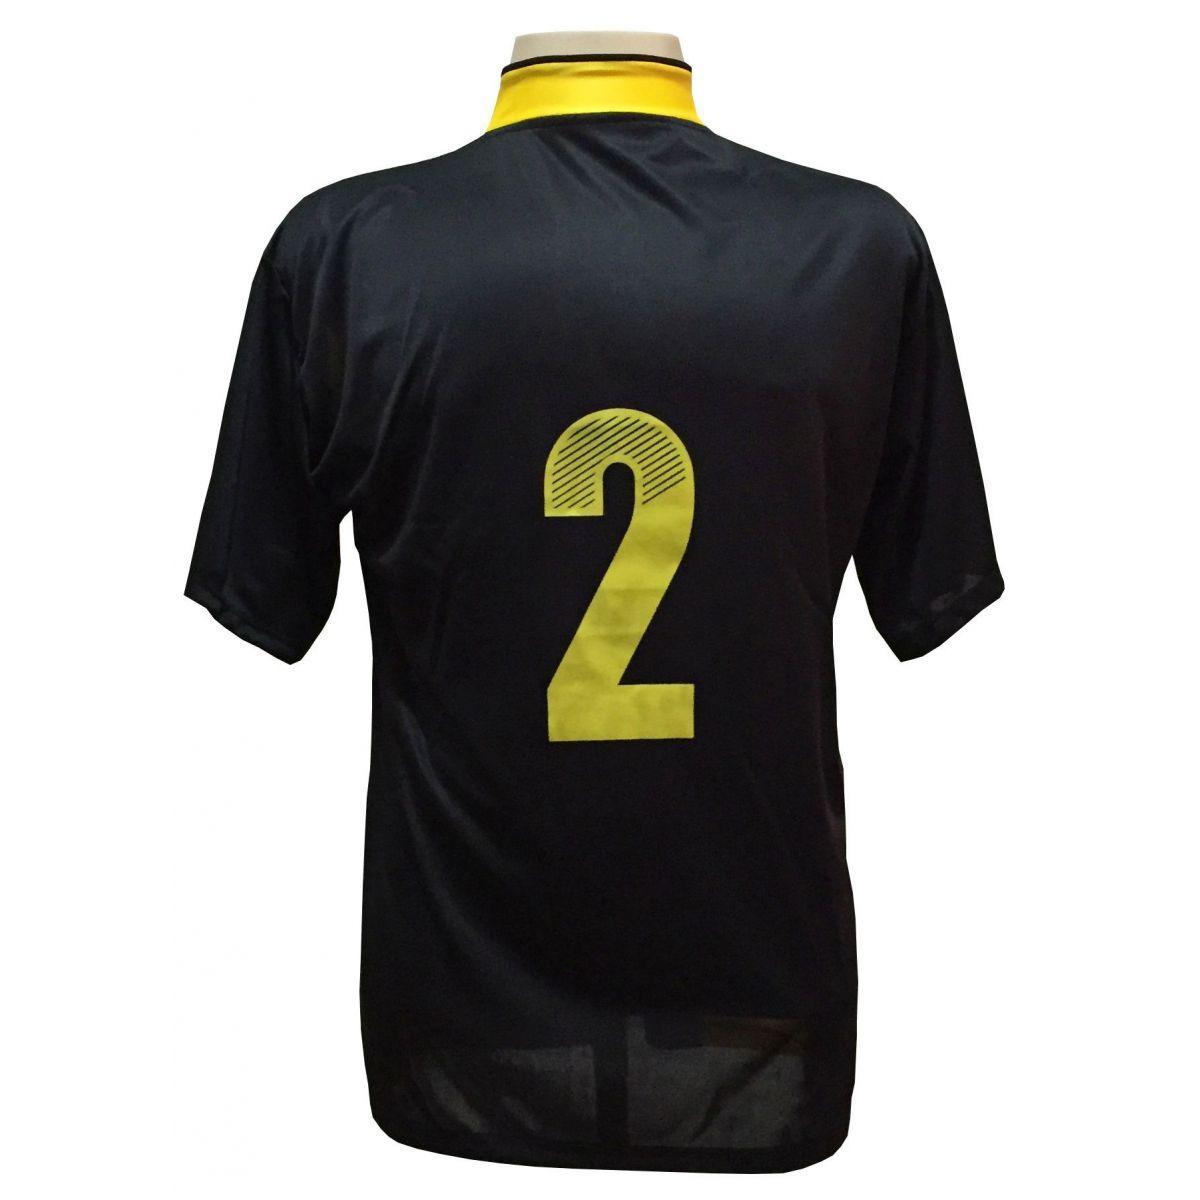 6fa1d001a4 Jogo de Camisa com 14 unidades modelo Suécia Preto Amarelo + 1 Goleiro +  Brindes - Play fair R  389